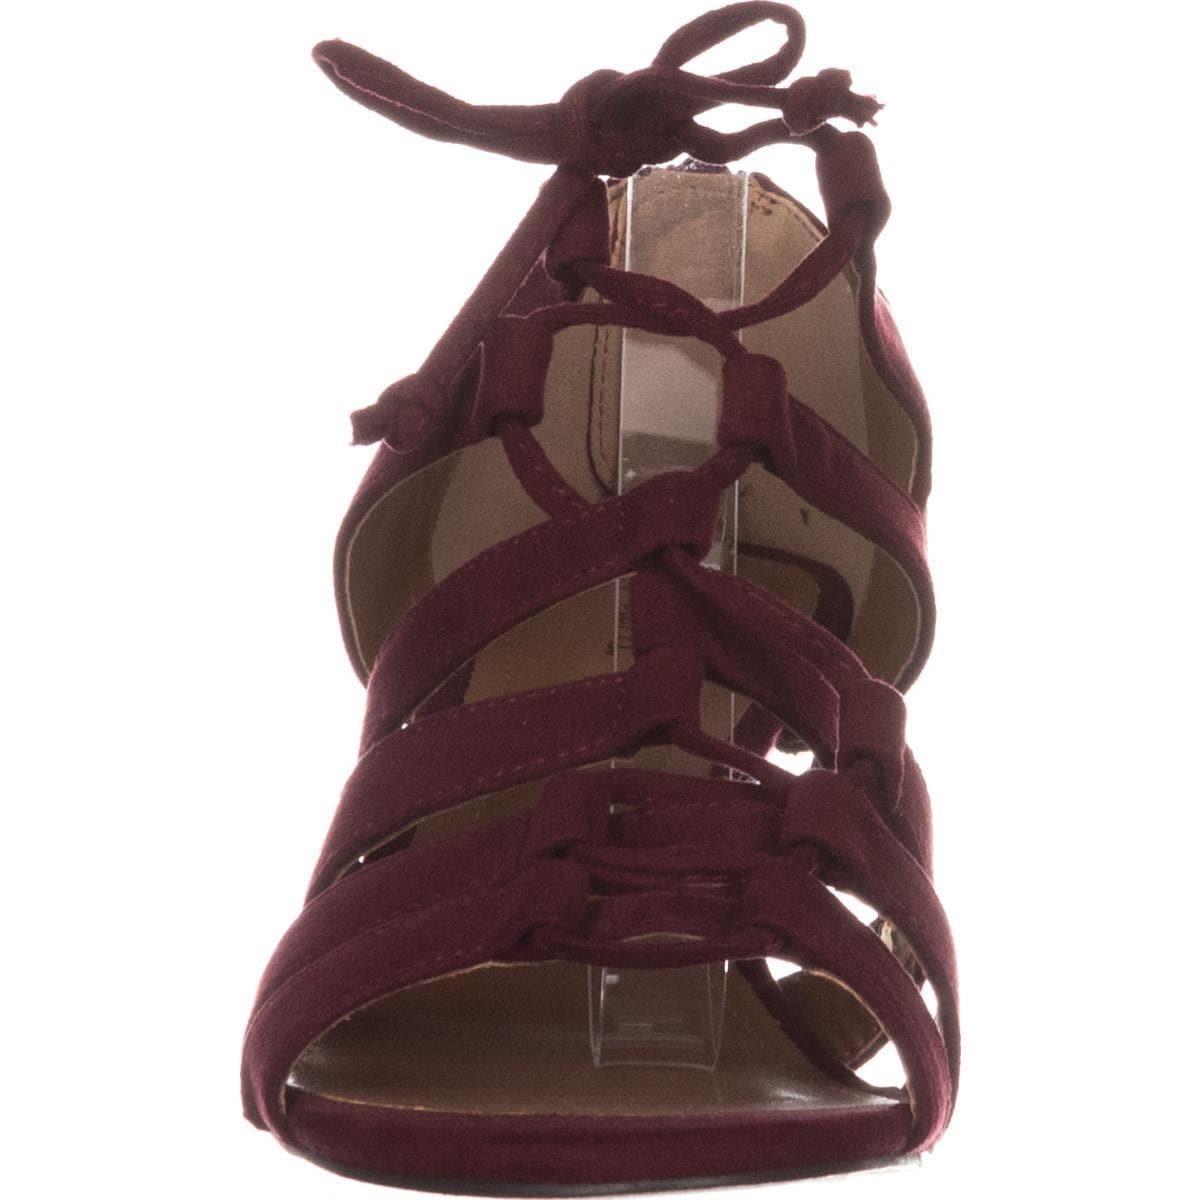 c485868372c3 Shop SC35 Hannde Lace Up Strappy Sandals